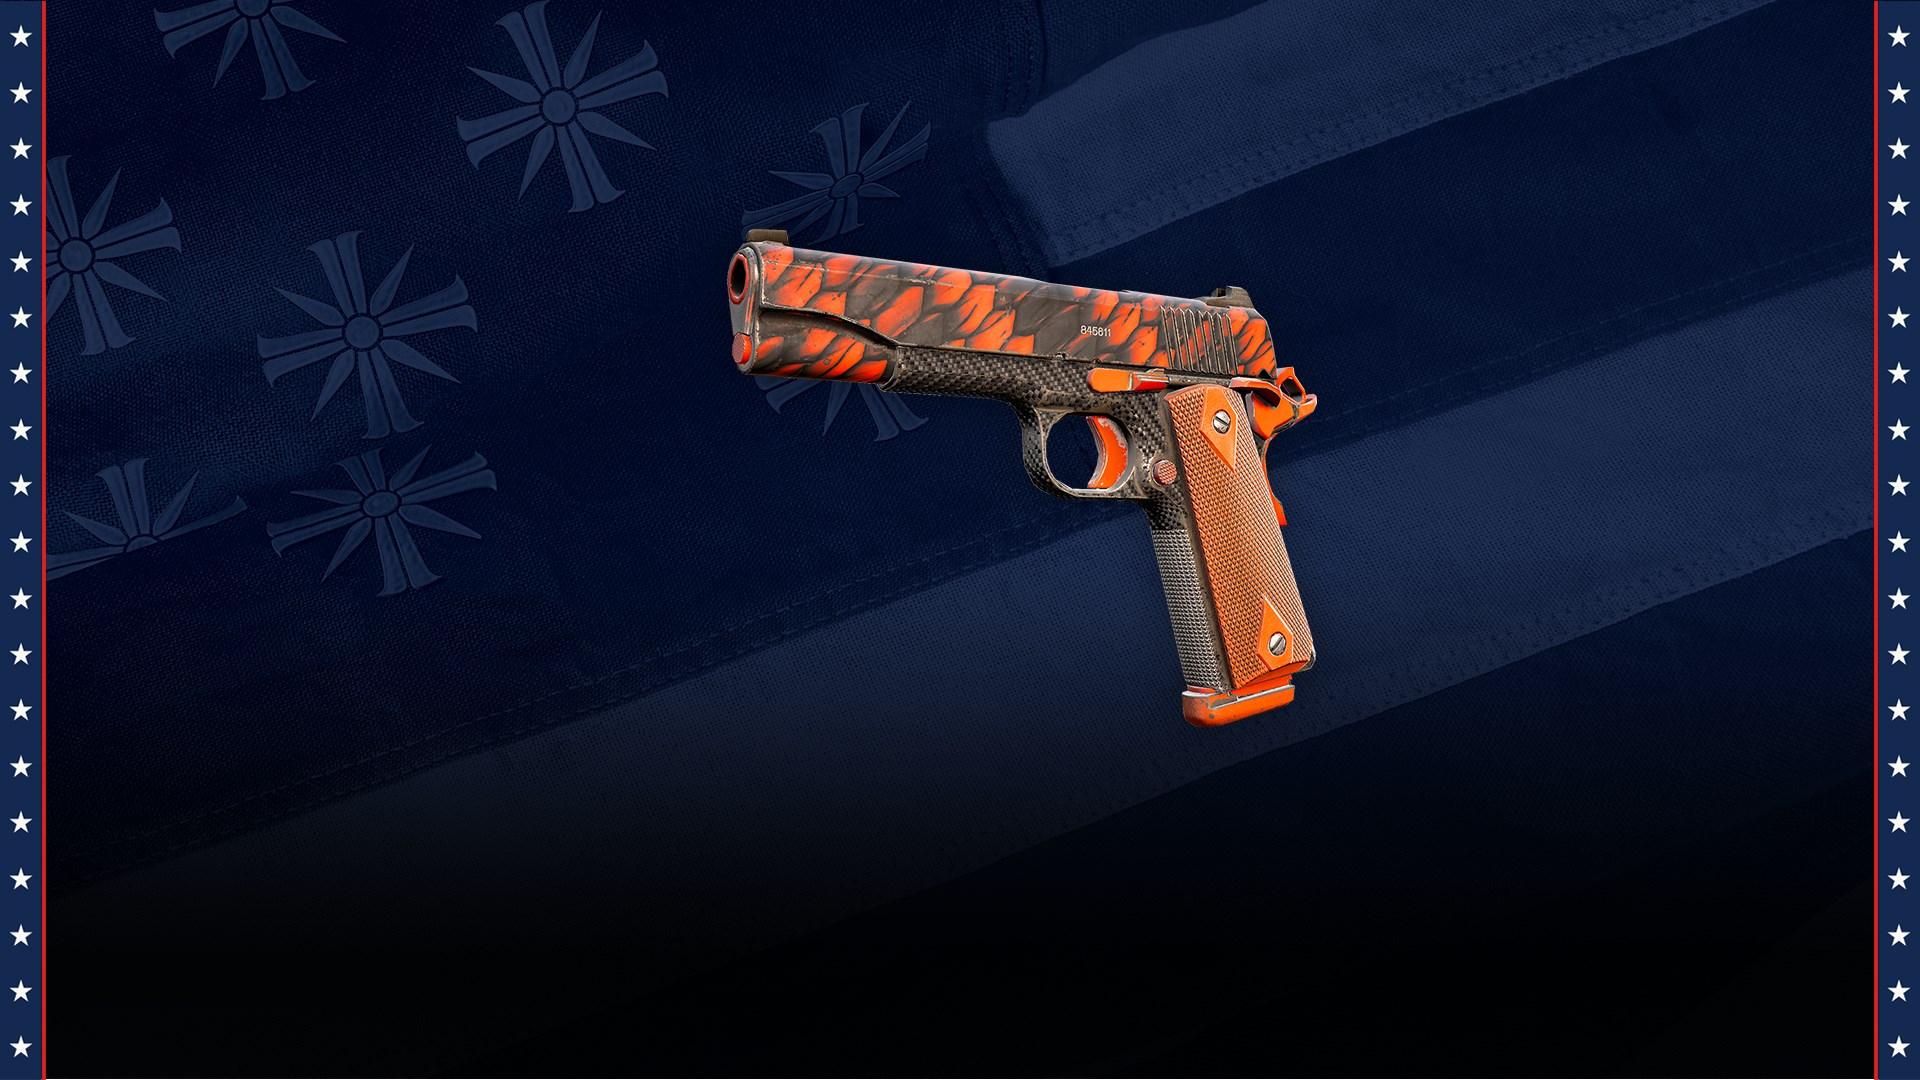 1911 Handgun with Prepper Skin